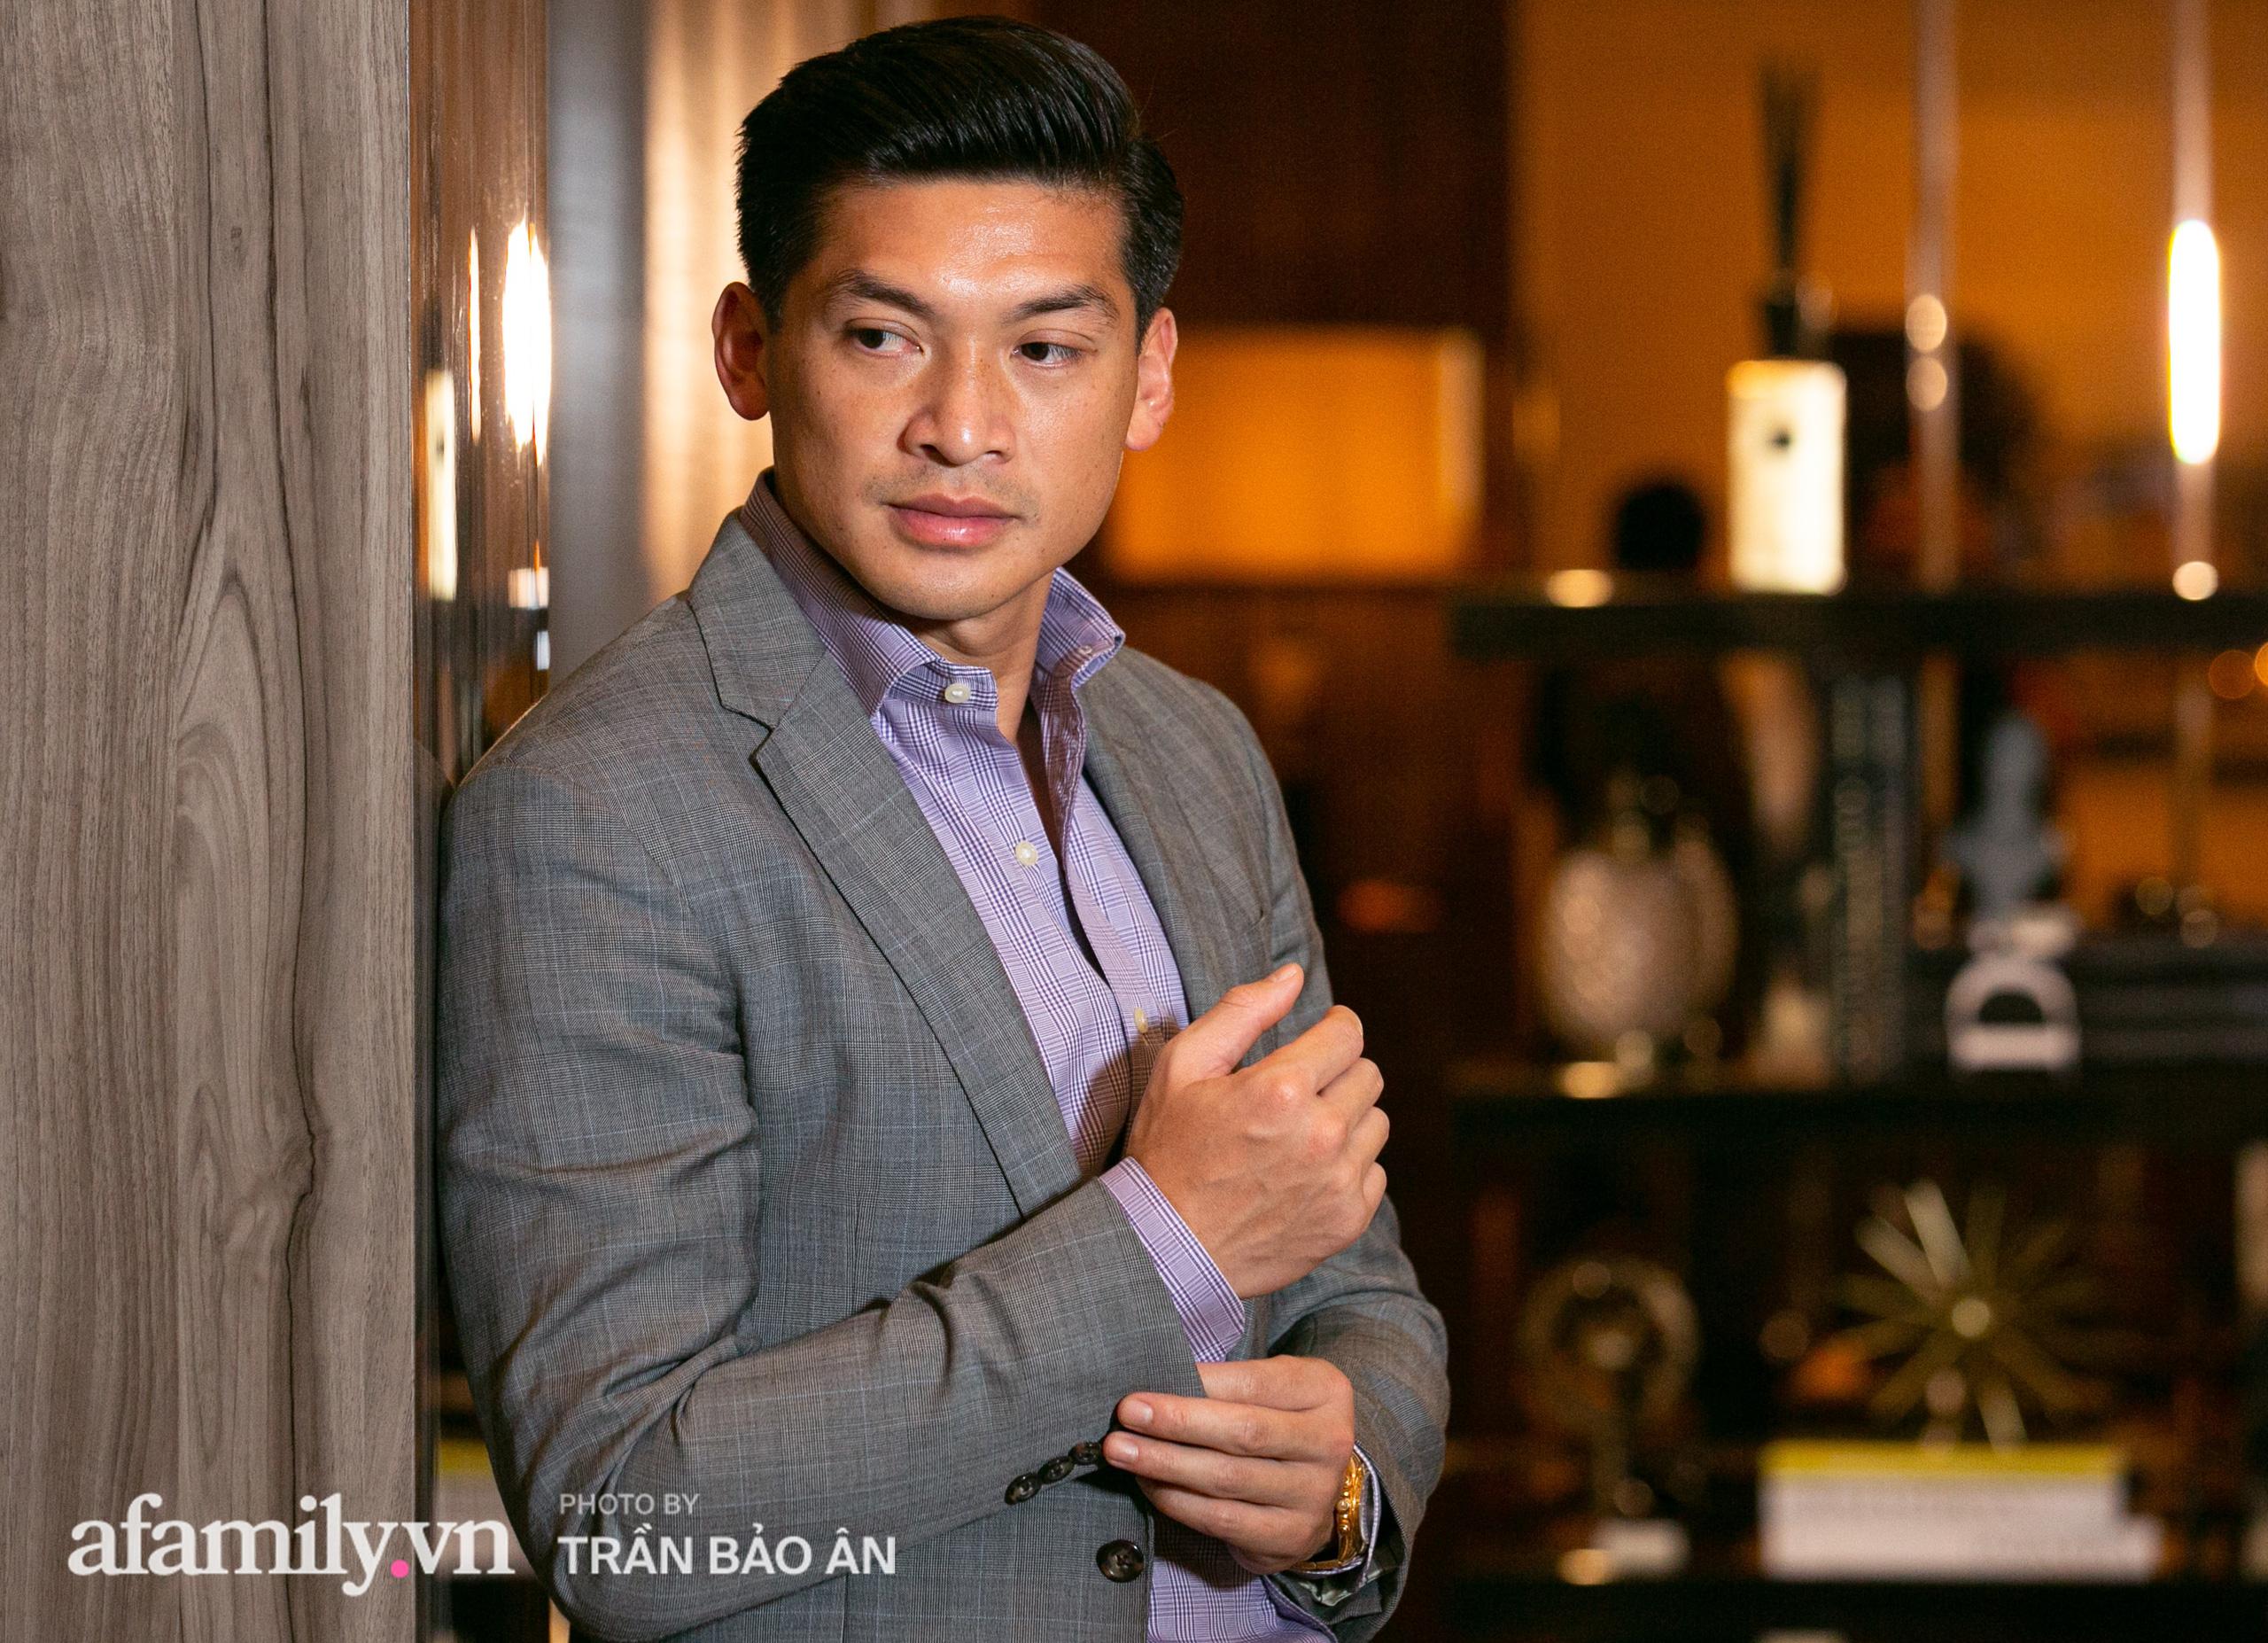 """Yves Huy Phan – CEO 30 tuổi đã làm chủ đế chế nội thất xa xỉ tiết lộ quá trình """"làm giàu"""" và điều bí mật ai cũng tò mò trong mối tình đồng giới với nhà thiết kế nổi tiếng - Ảnh 7."""